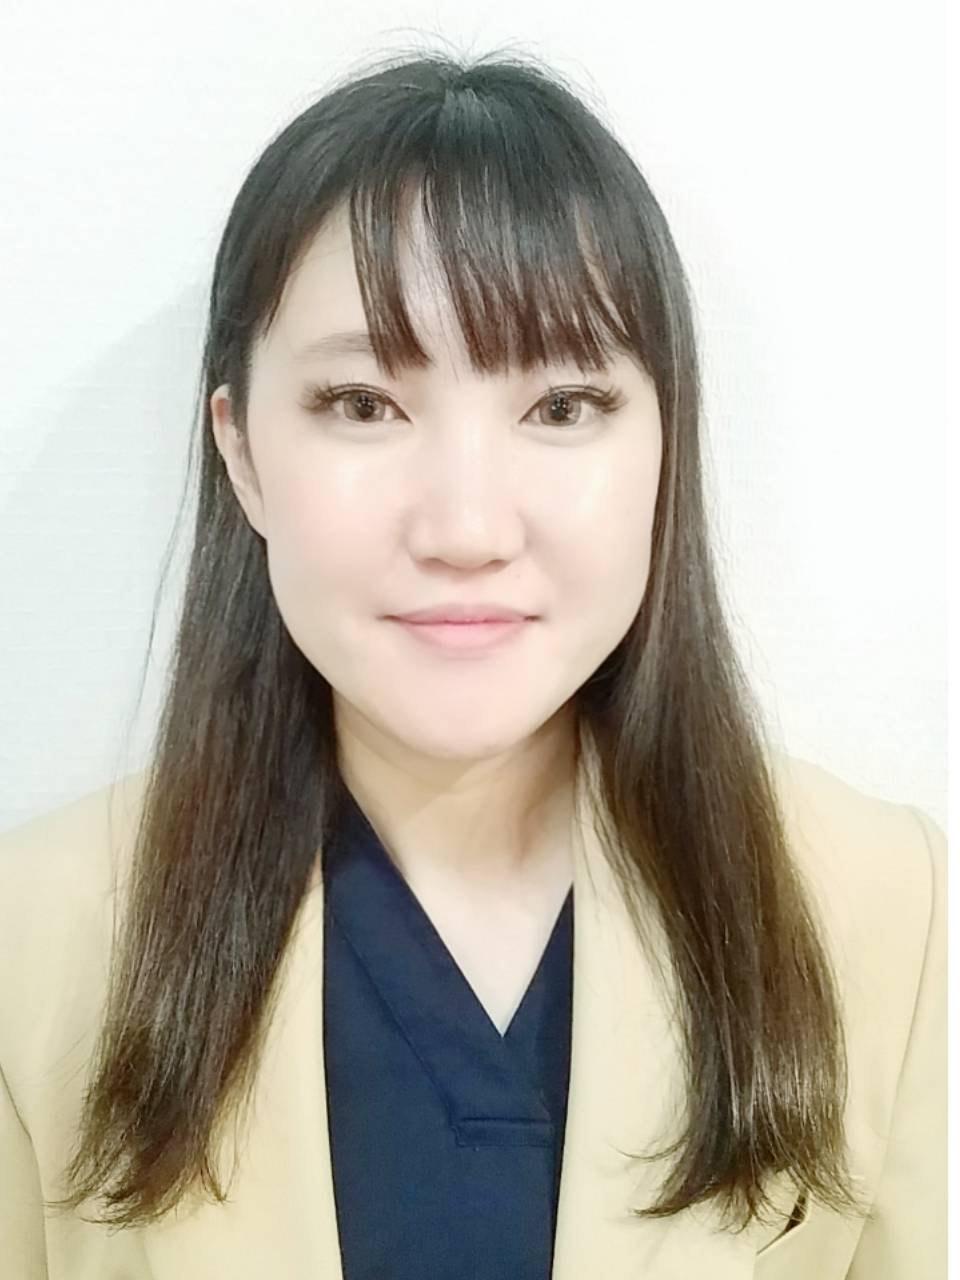 センチュリー21関建設平林 美津保の写真